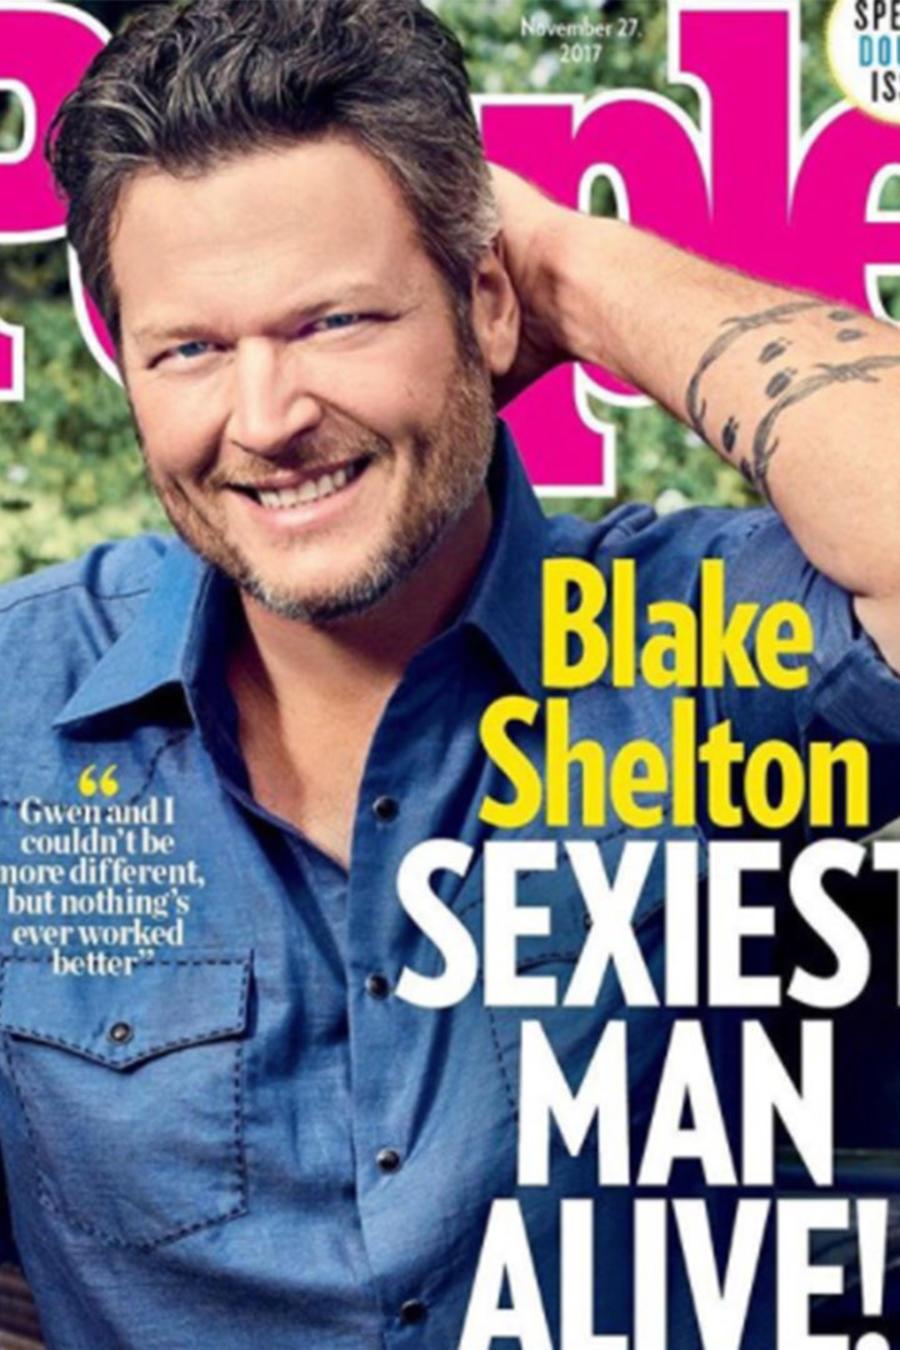 Blake Shelton - Sexiest Man Alive